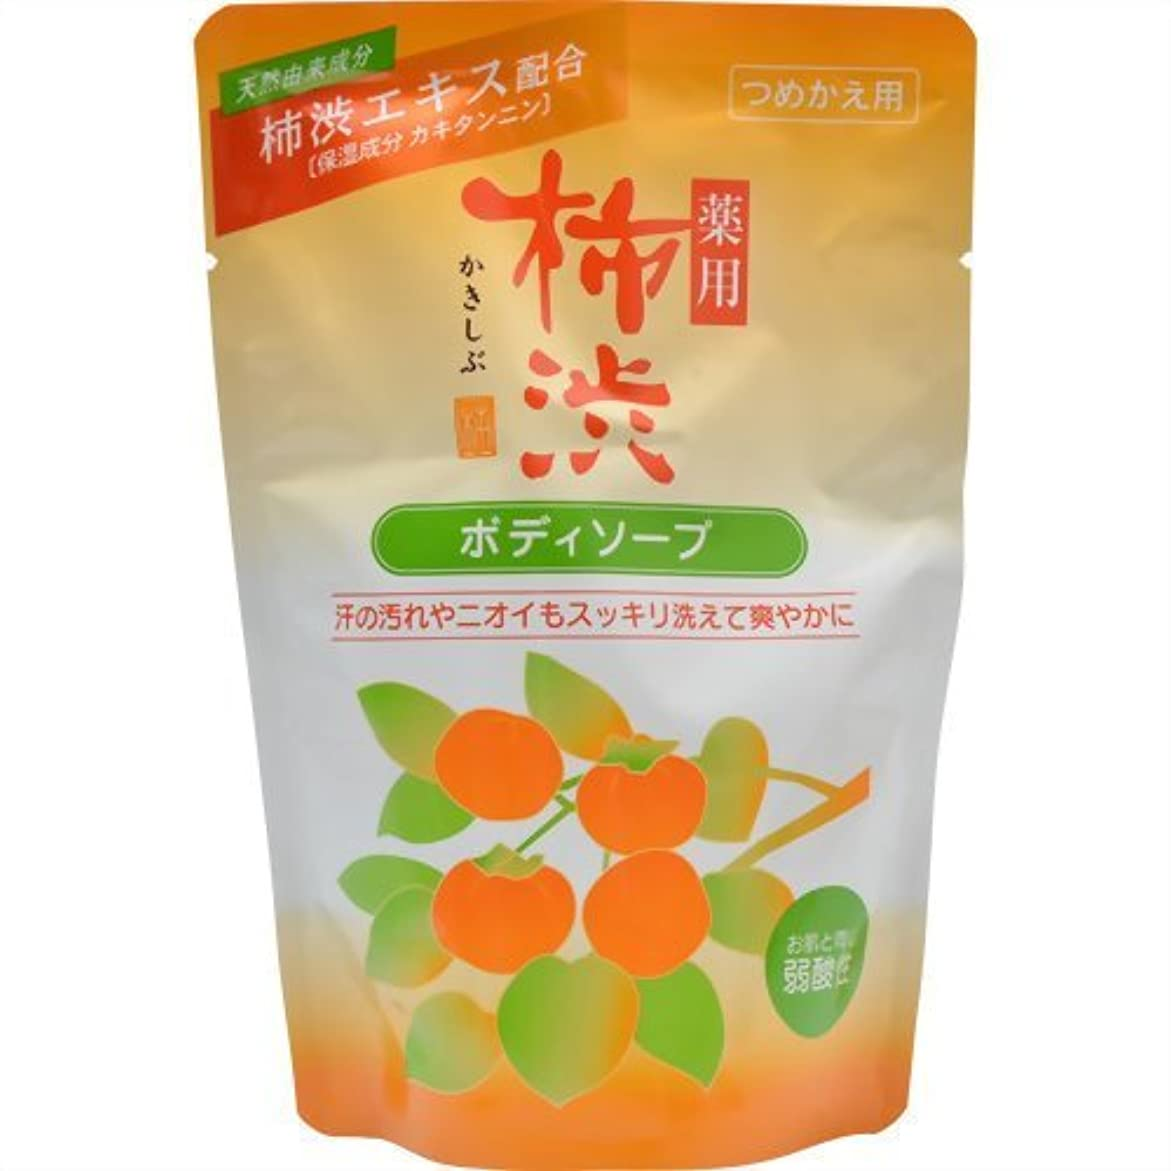 期間ナース刺す柿渋 ボディソープ 350ml 詰替え 3個セット